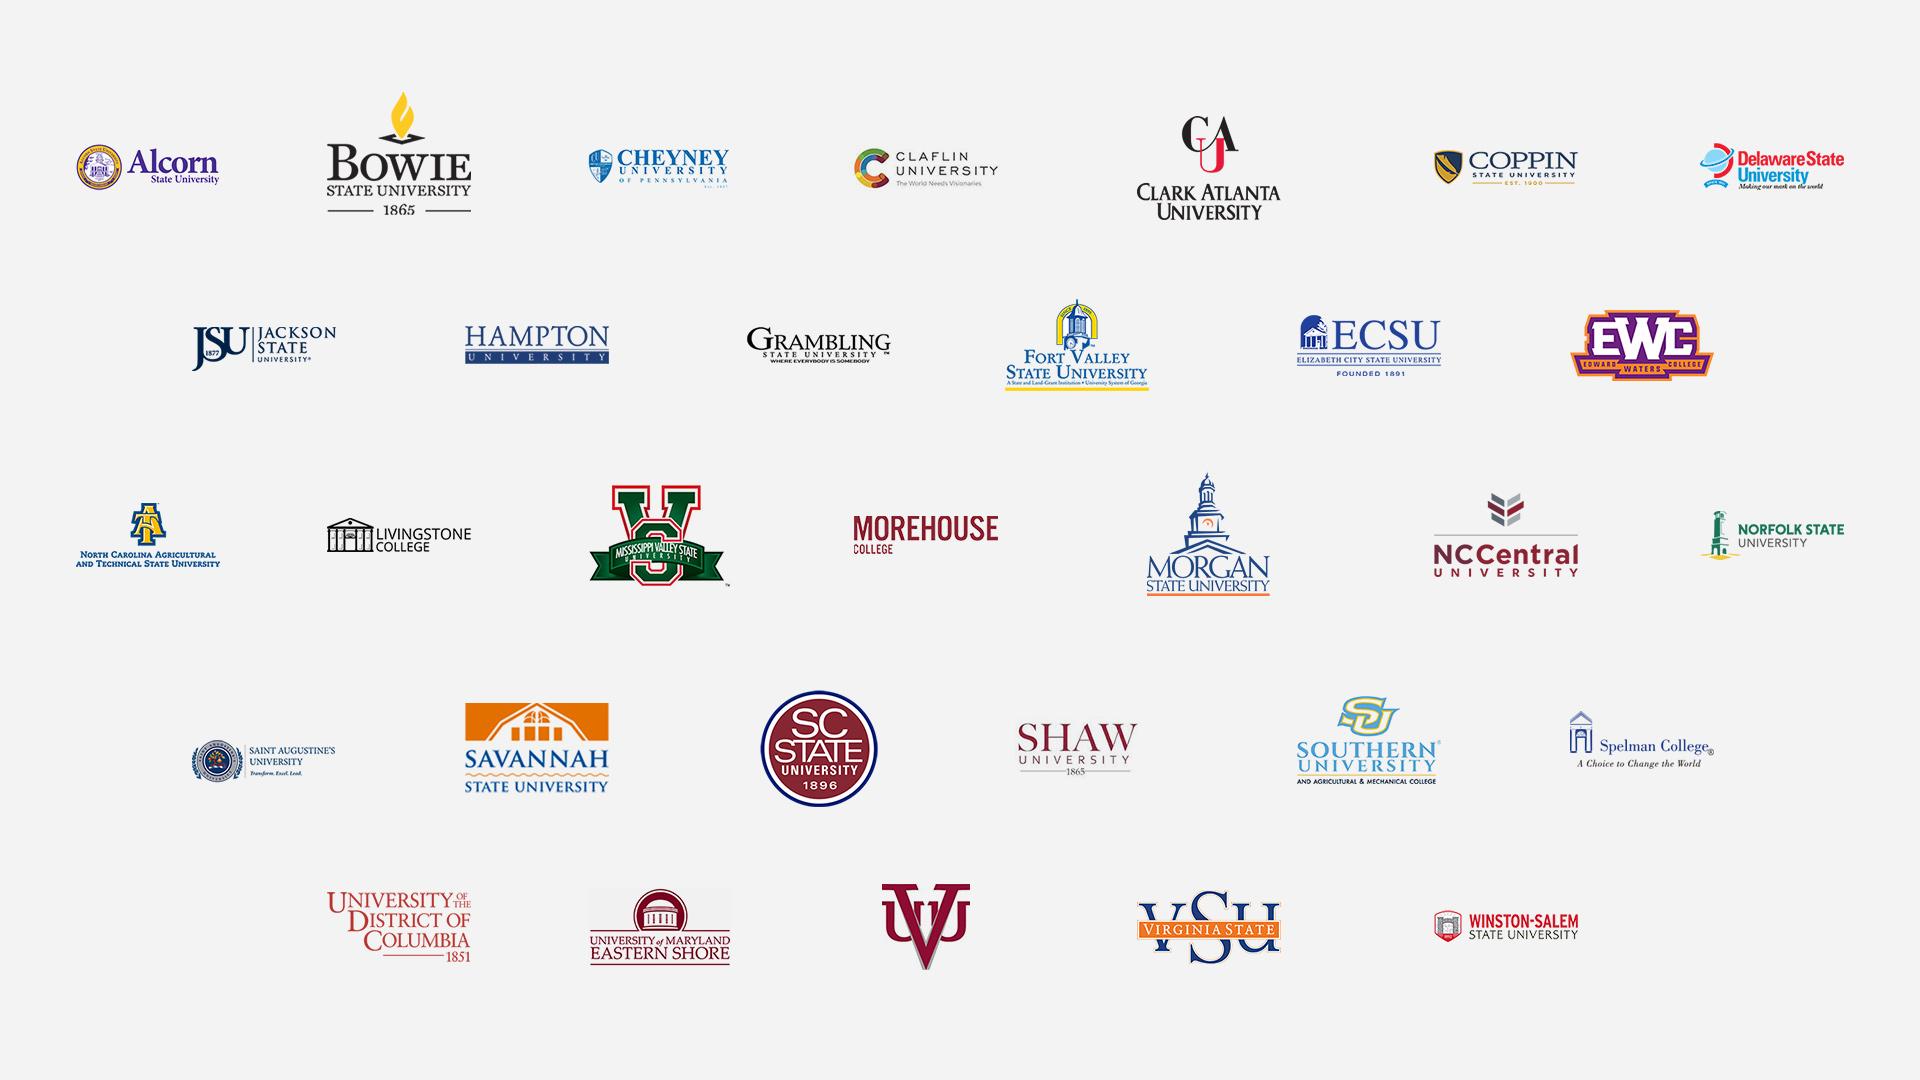 HBCU CDM 2019 Participating Schools